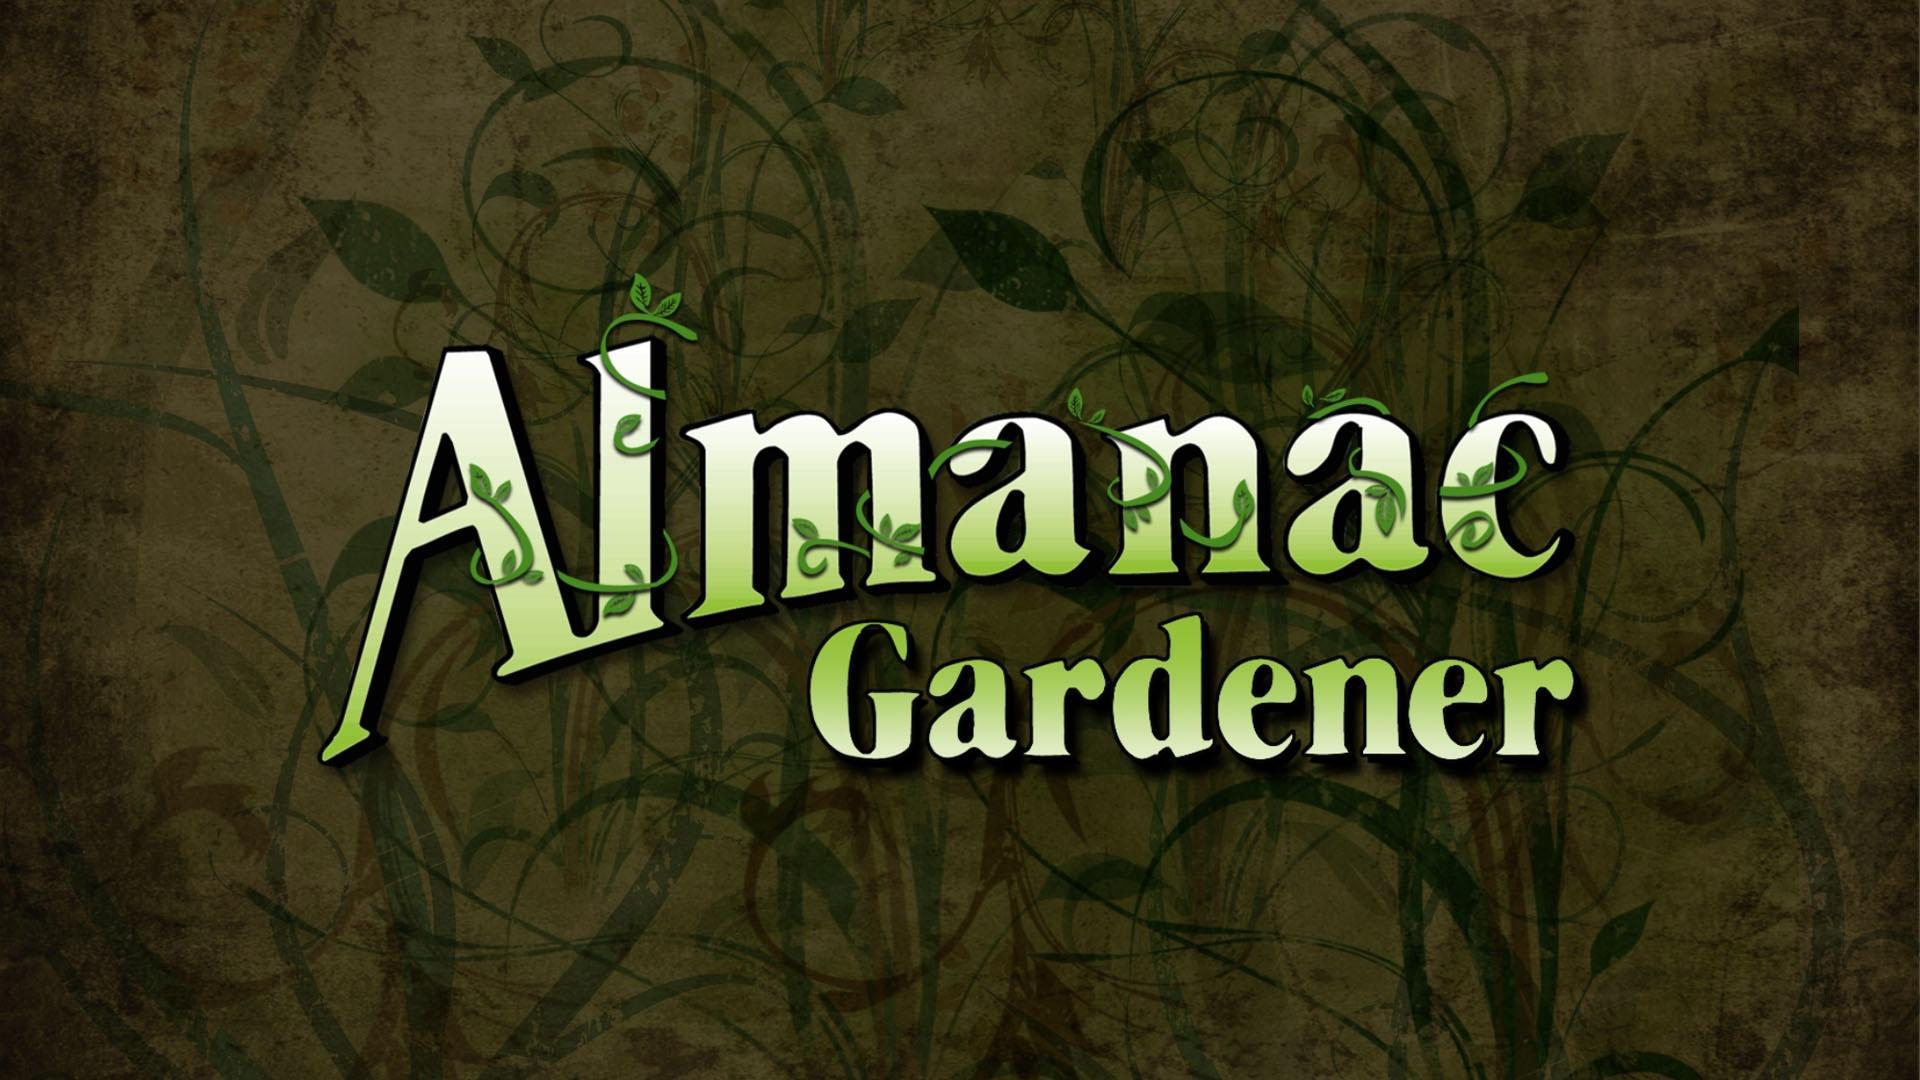 Almanac Gardener